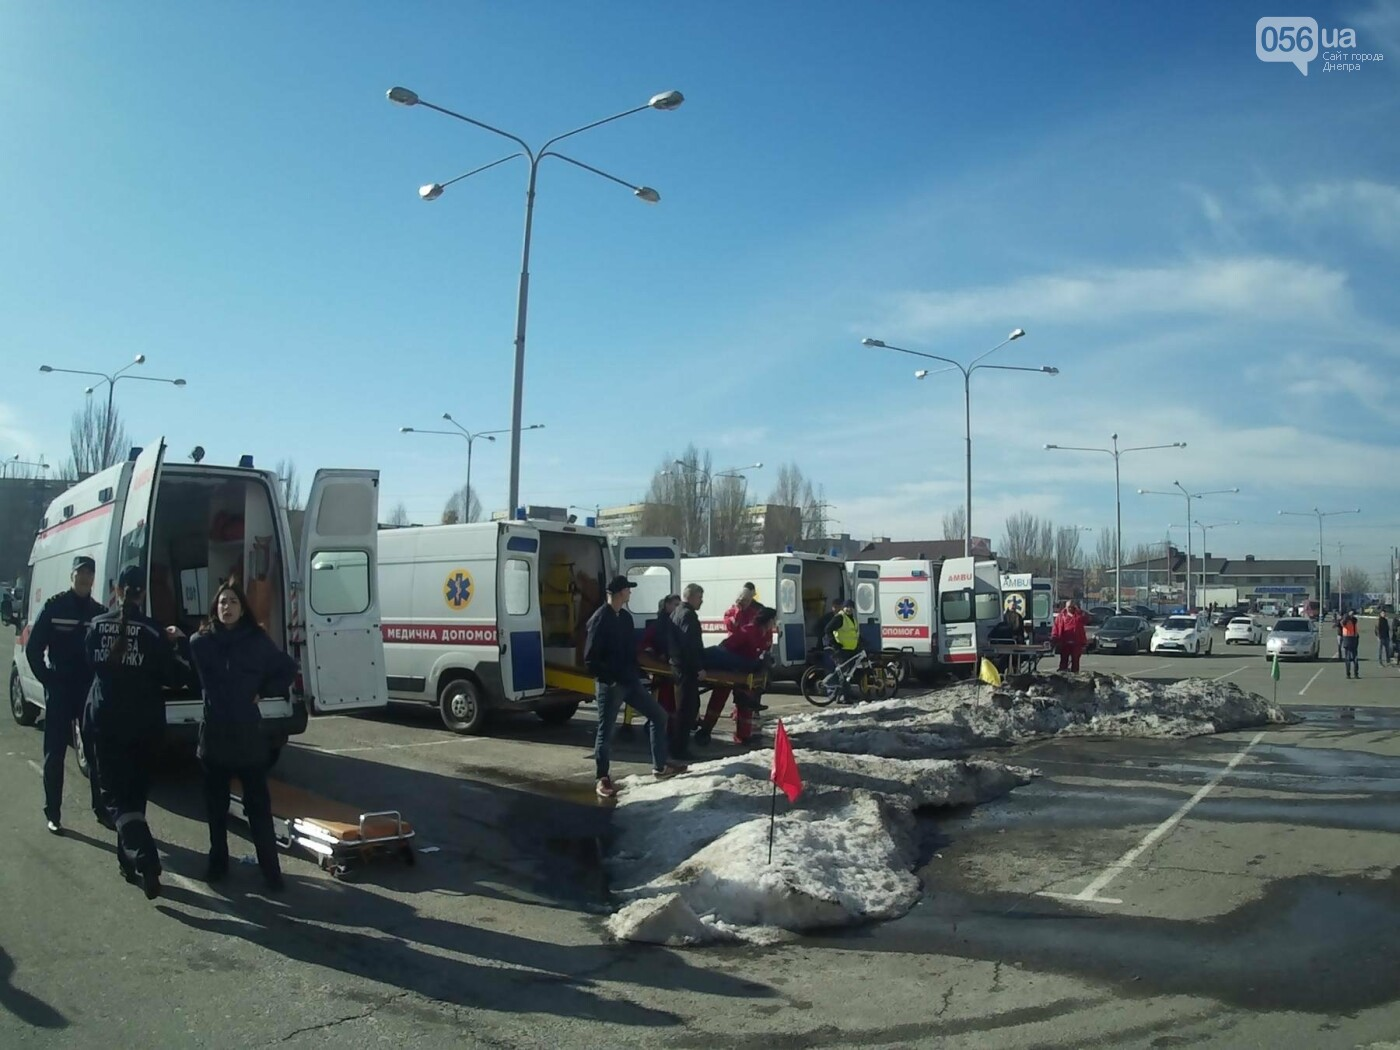 В Днепре спасатели эвакуировали персонал и посетителей из «Каравана» (ФОТО, ВИДЕО), фото-1